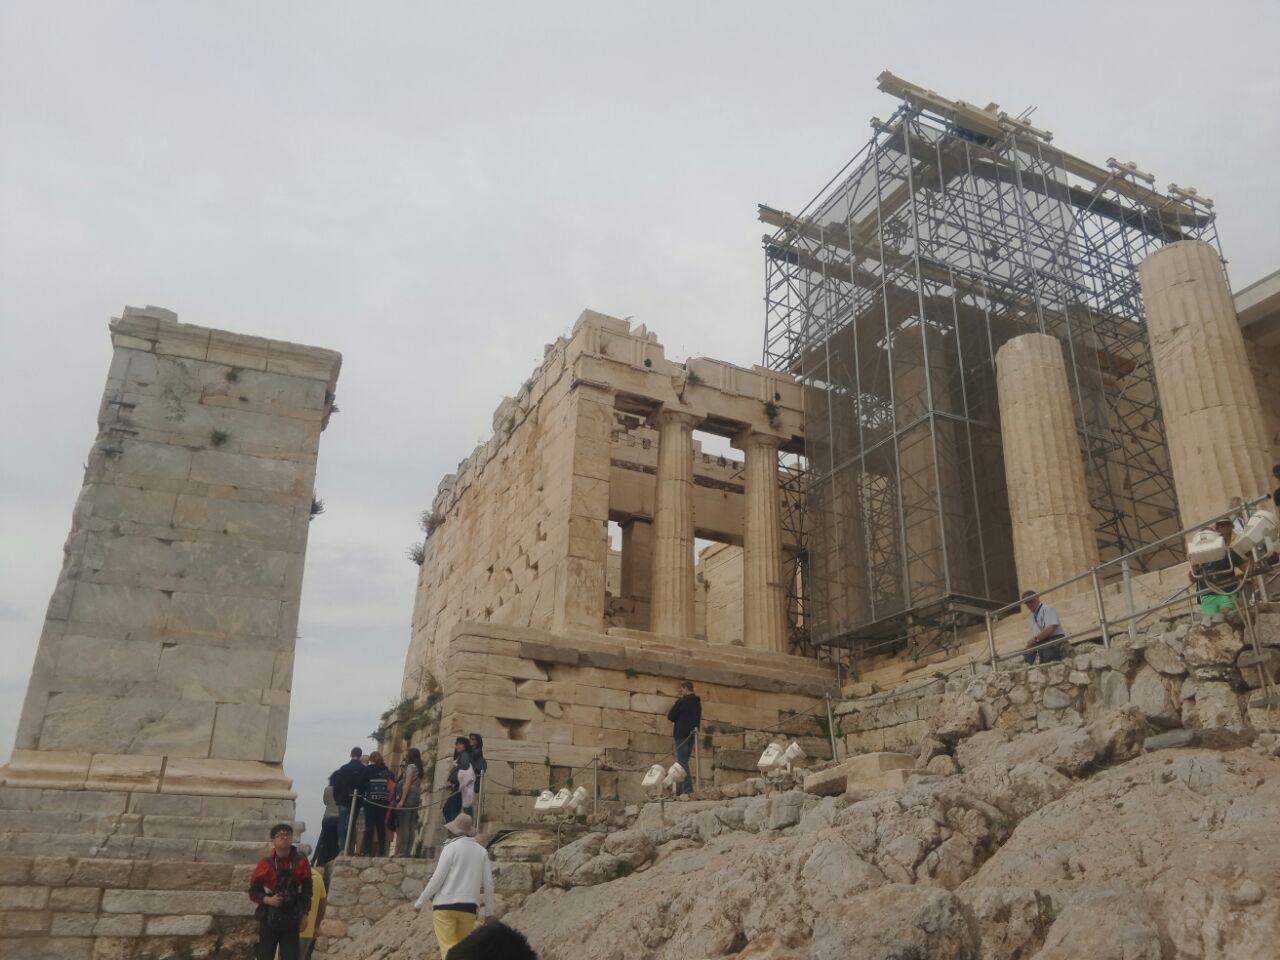 【携程攻略】阿提卡卫城山门景点,希腊……雅典……就